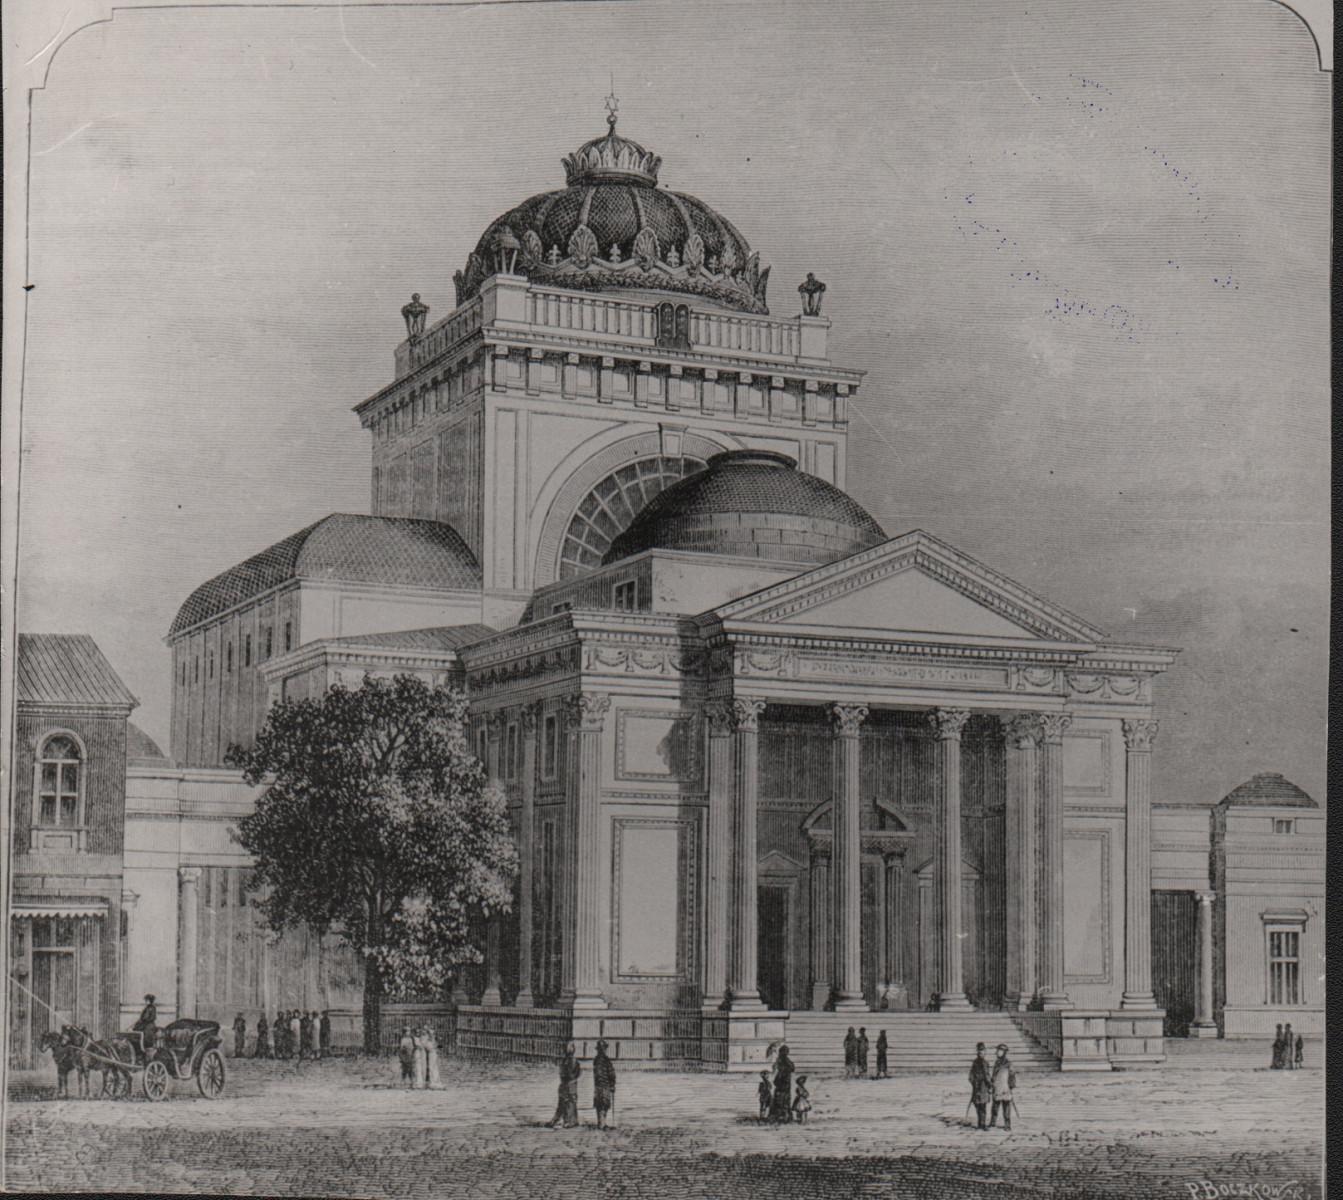 1._Tygodnik_Ilustrowany_P._Boczkowski_1878r.jpg